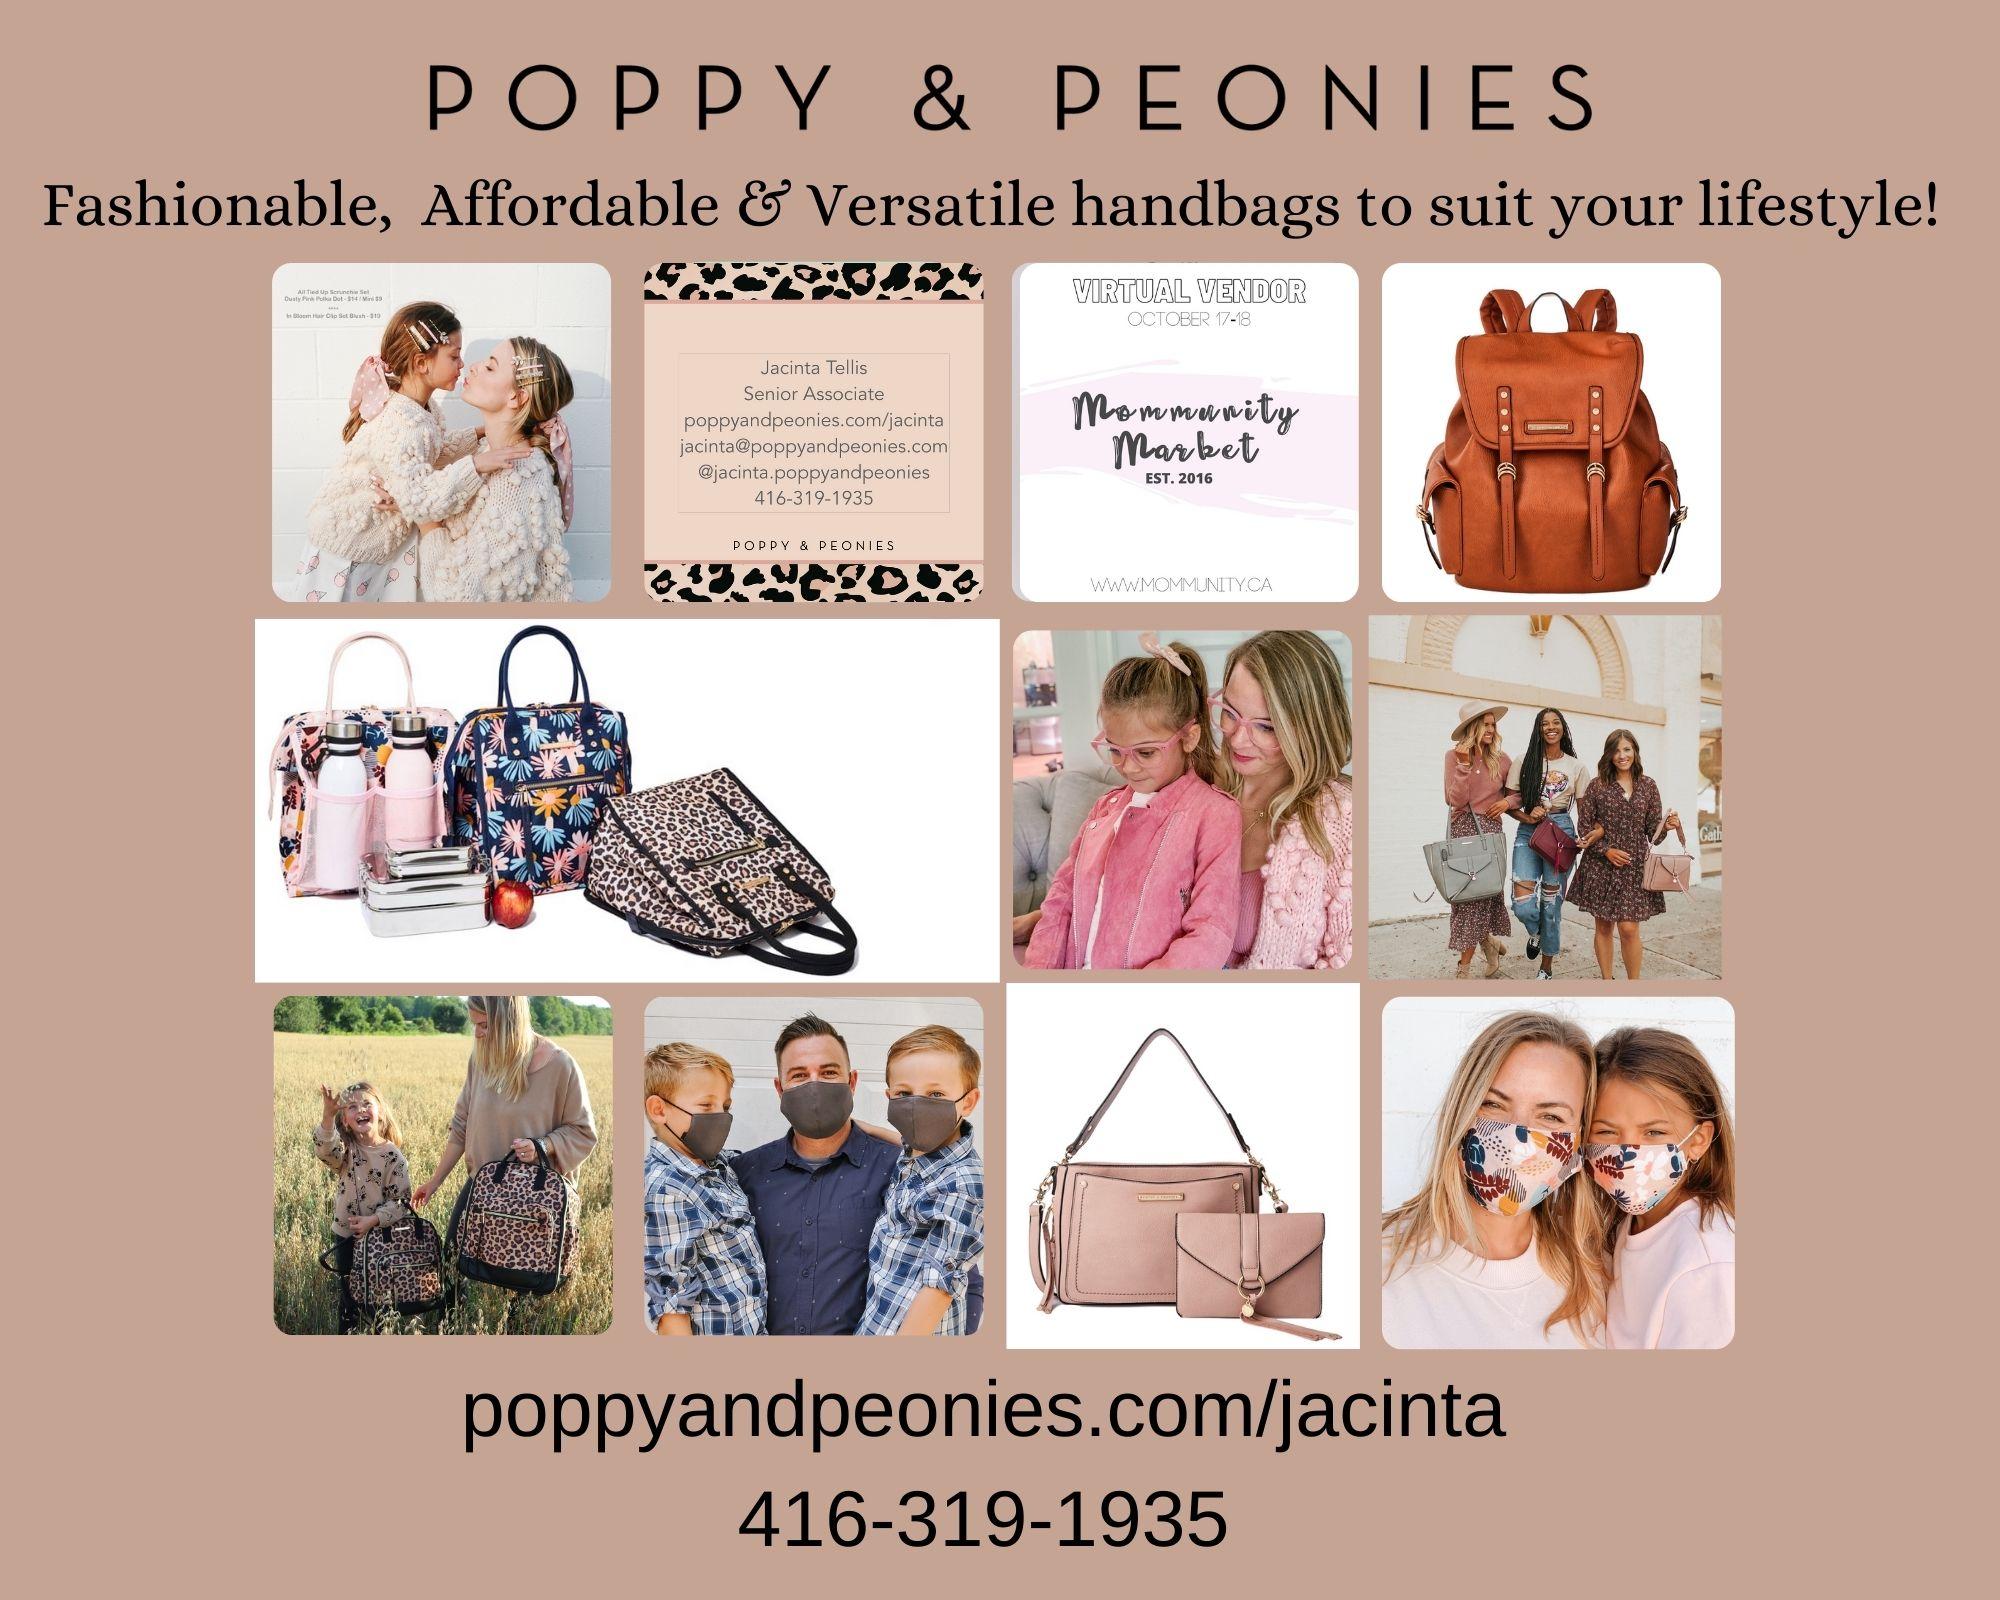 Poppy & Peonies